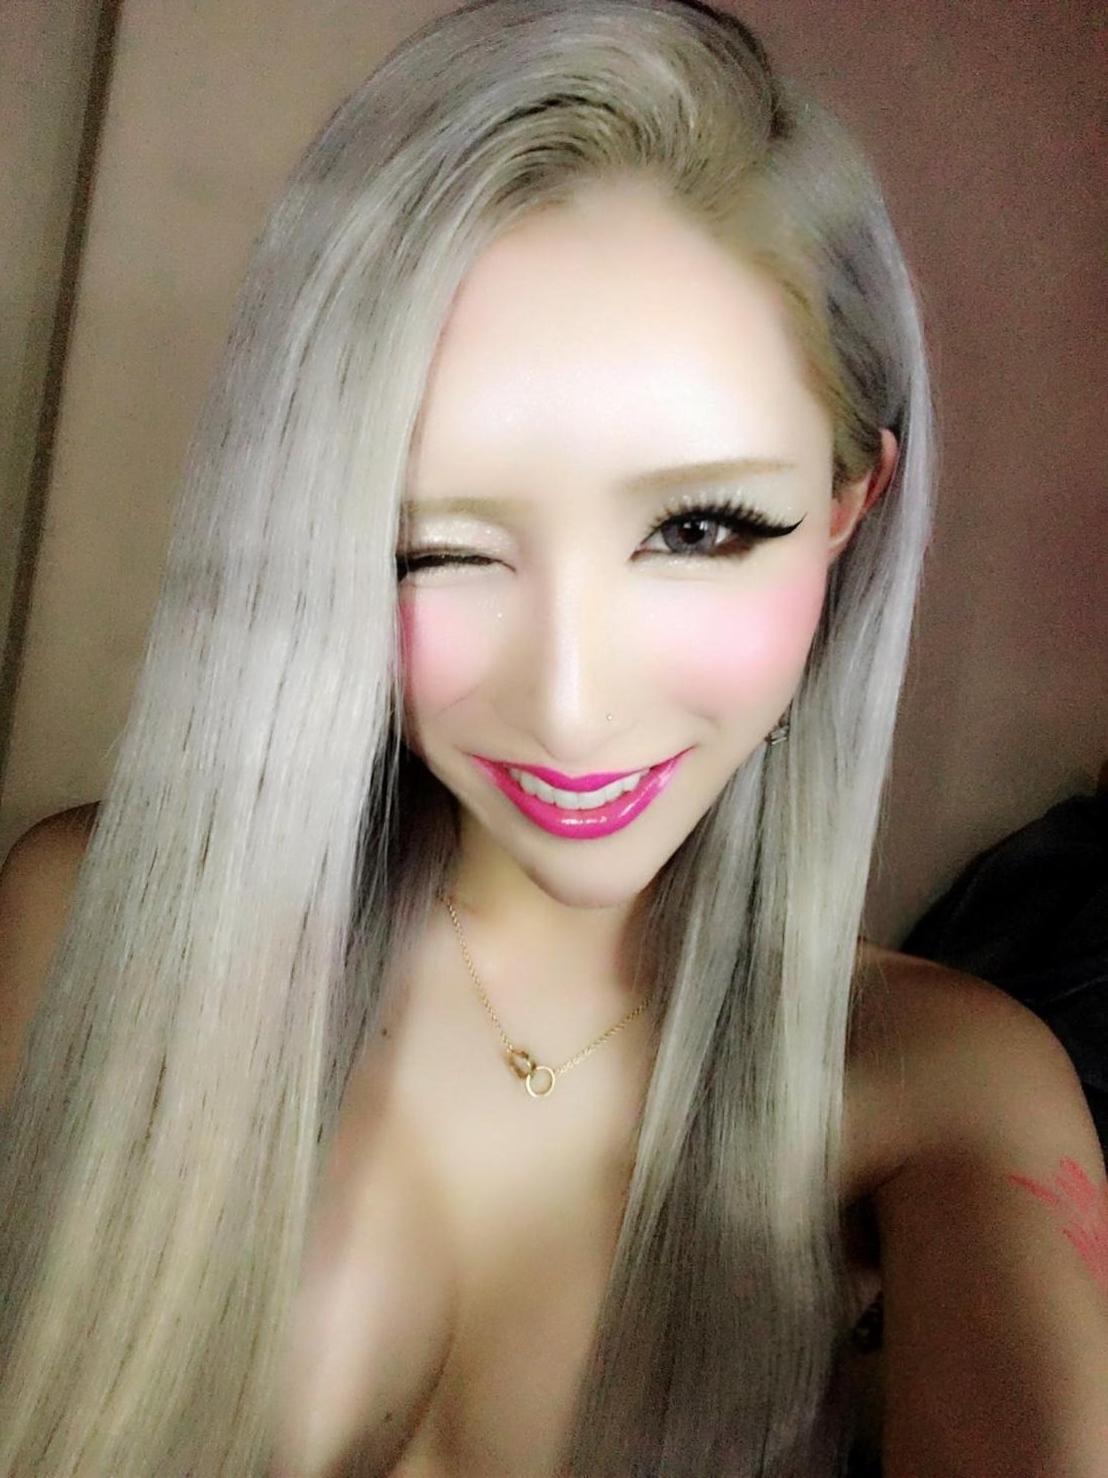 「こんばんわ♪」02/12(02/12) 18:00 | 高瀬かんなの写メ・風俗動画